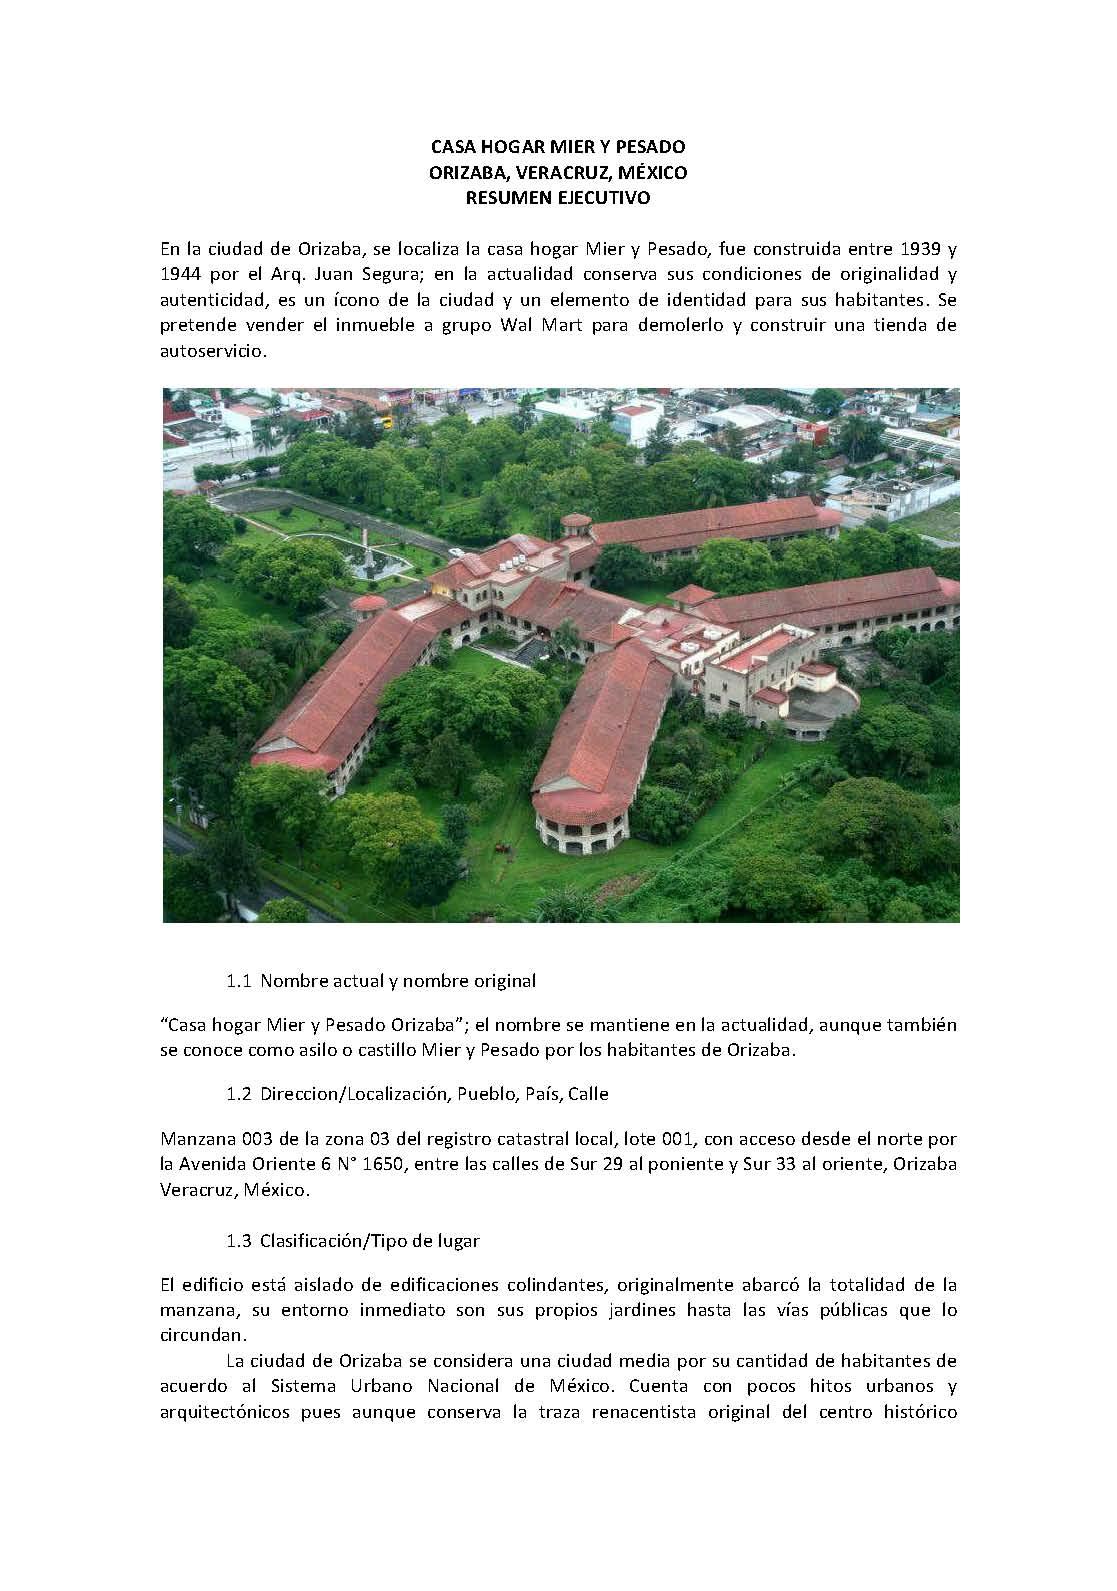 Proteccion del patrimonio arquitectonico siglo xx alerta for Articulos sobre arquitectura